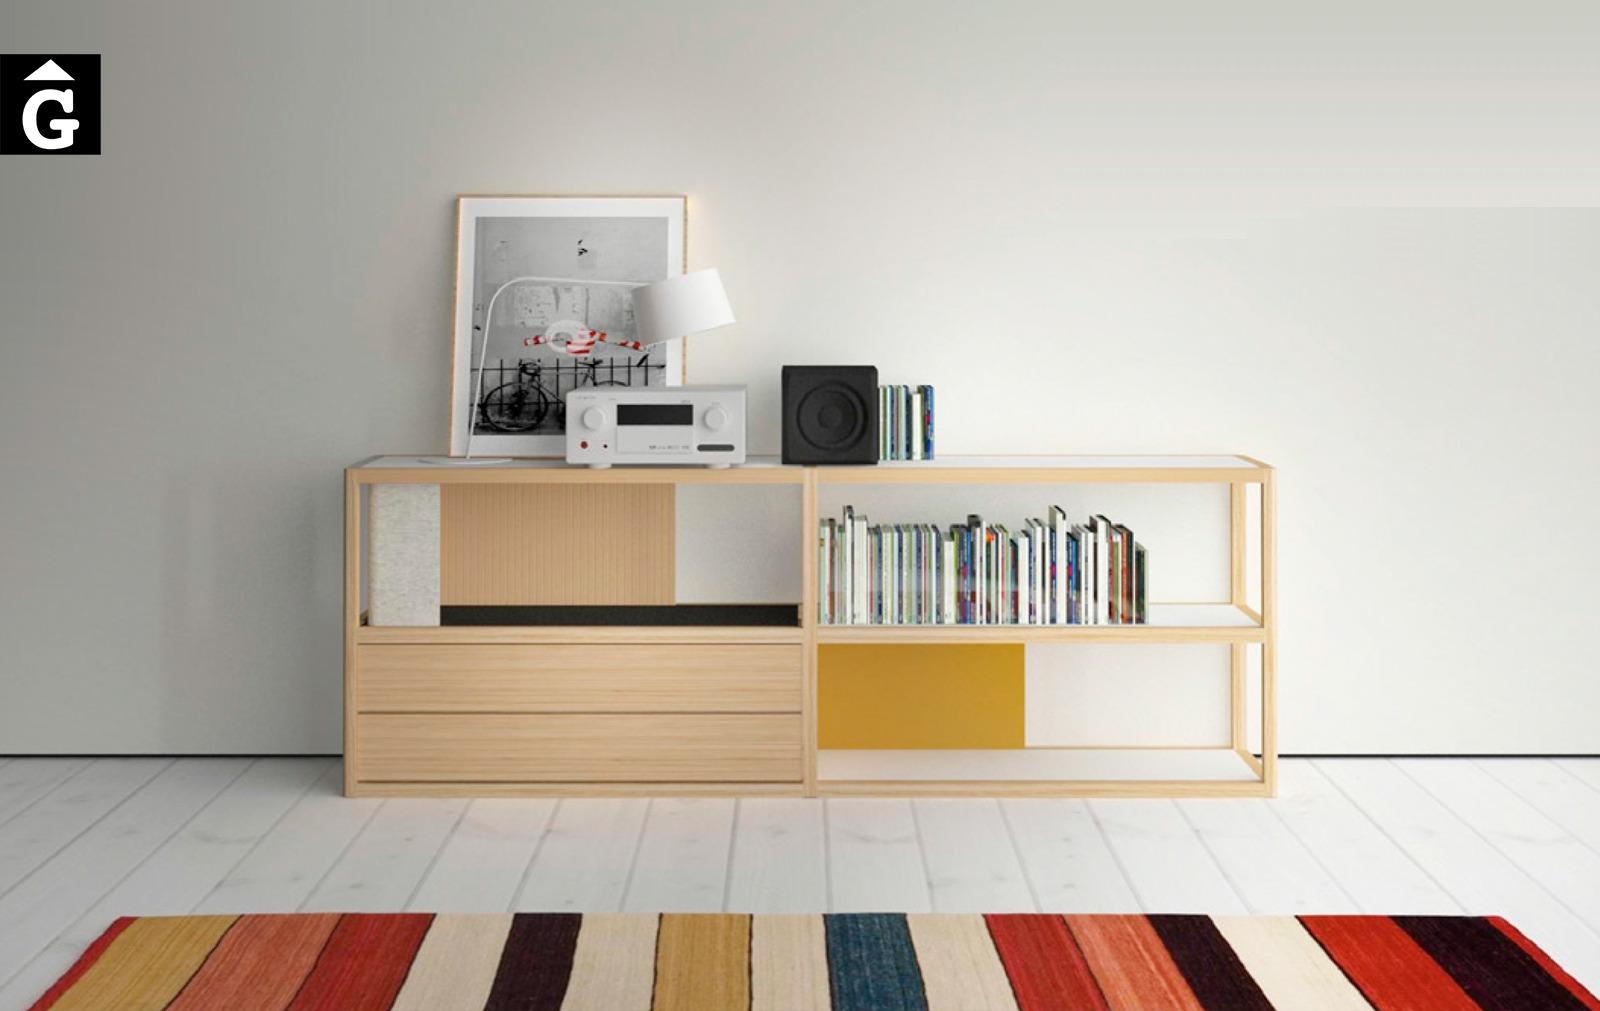 Kai bufet Treku by mobles Gifreu Idees per la llar moble de qualitat-Recovered